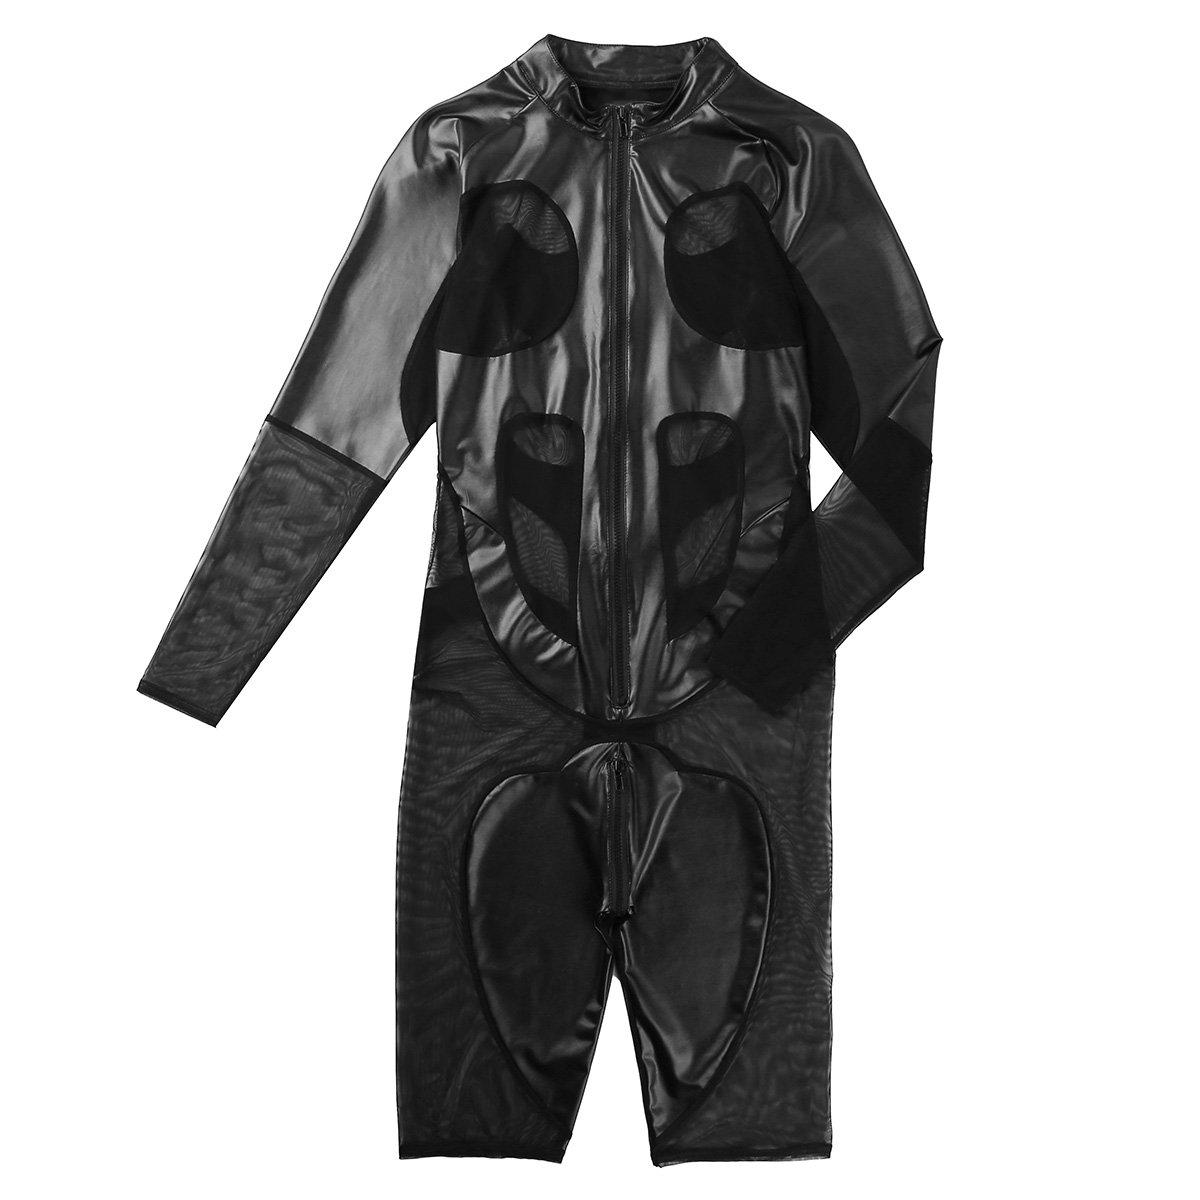 Freebily Conjunto Hombre de Lencería Bodysuit de Malla Bodysuit Lencería Hombre Sexy ec4409